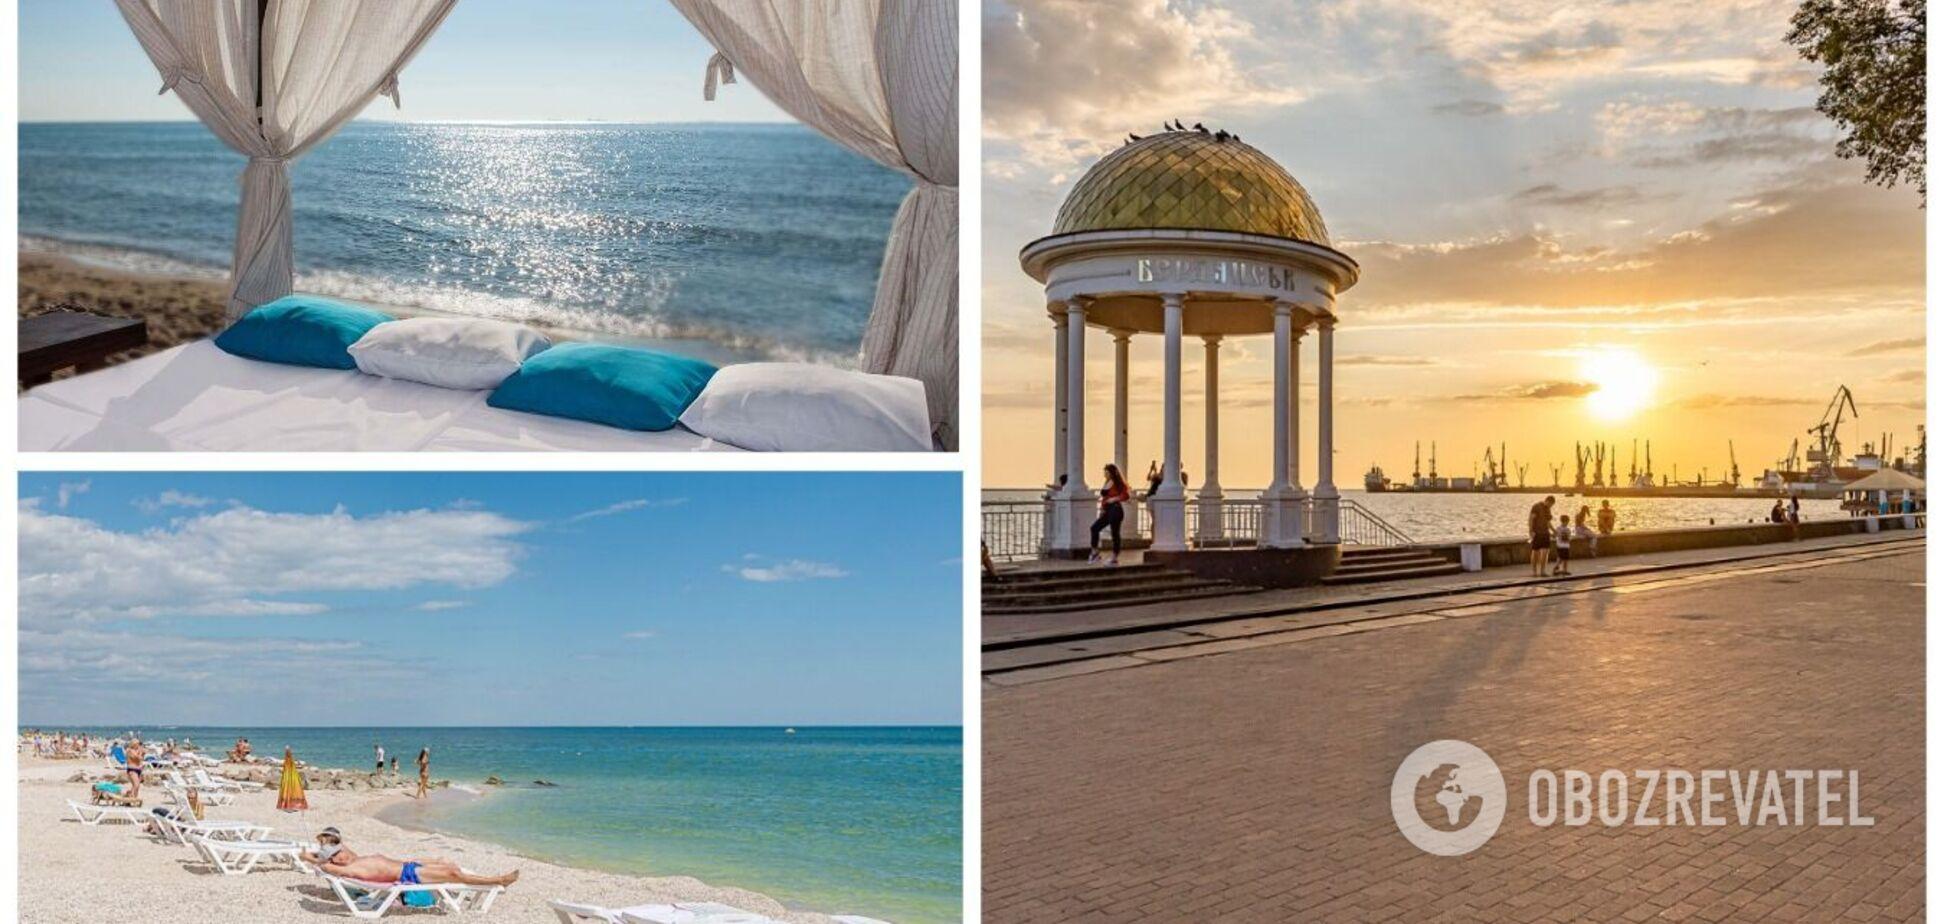 Яке море краще для відпочинку – Азовське чи Чорне: порівняння пляжів, цін та розваг. Фото